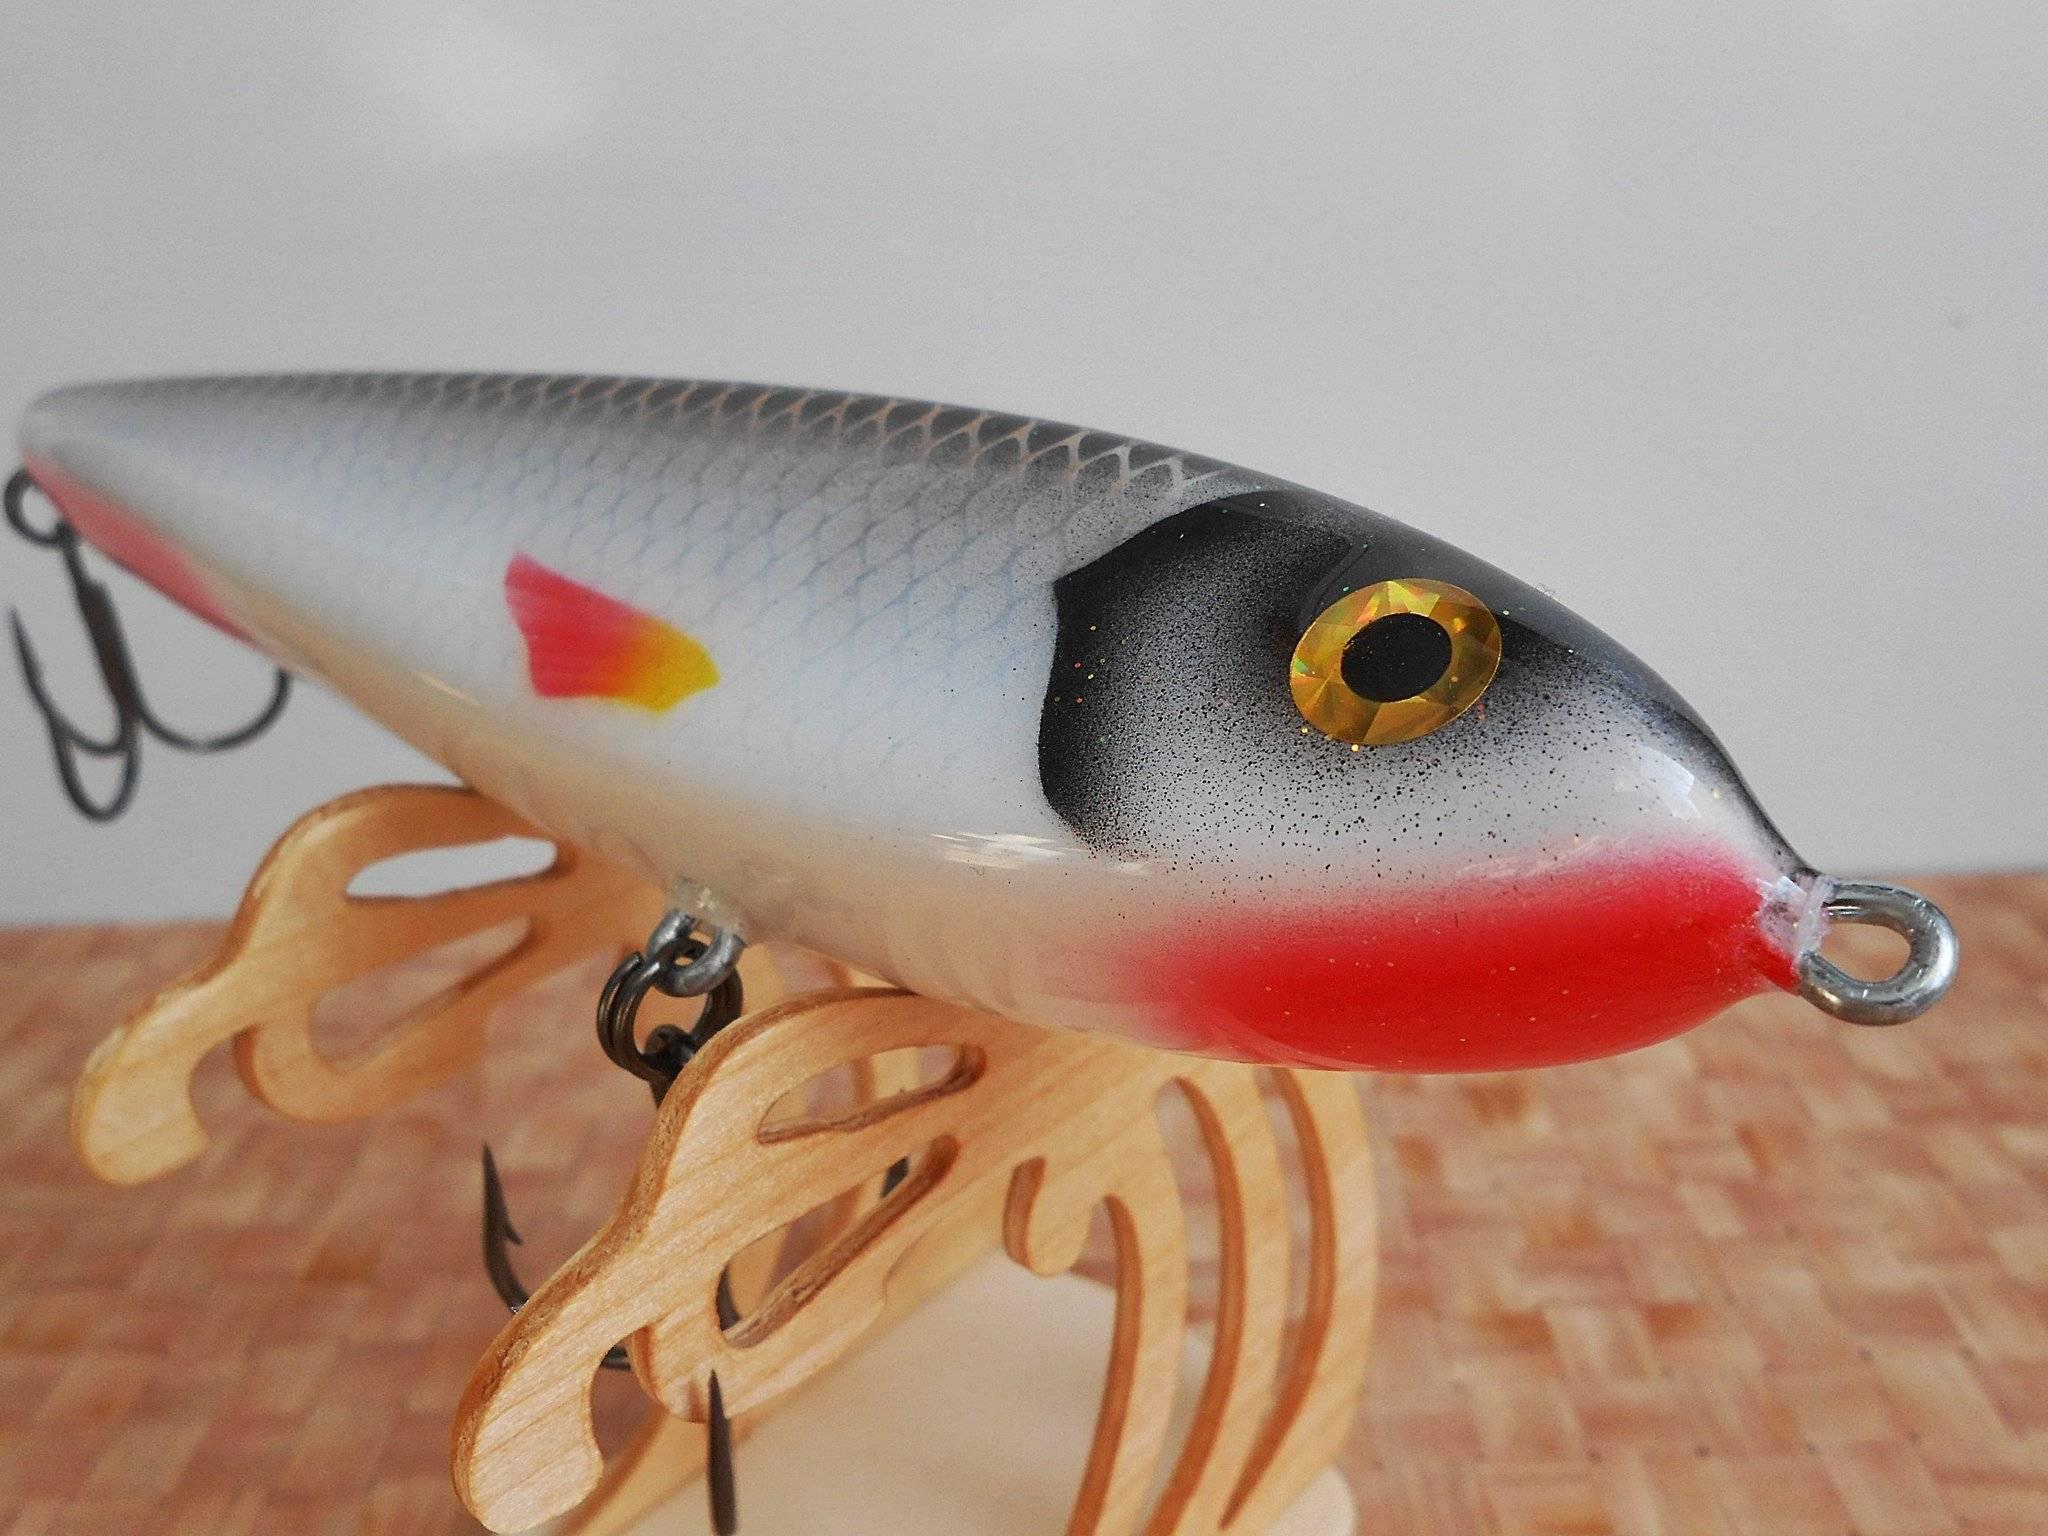 Снасти и приманки для джеркинга: каких производителей предпочитают профессионалы - читайте на сatcher.fish